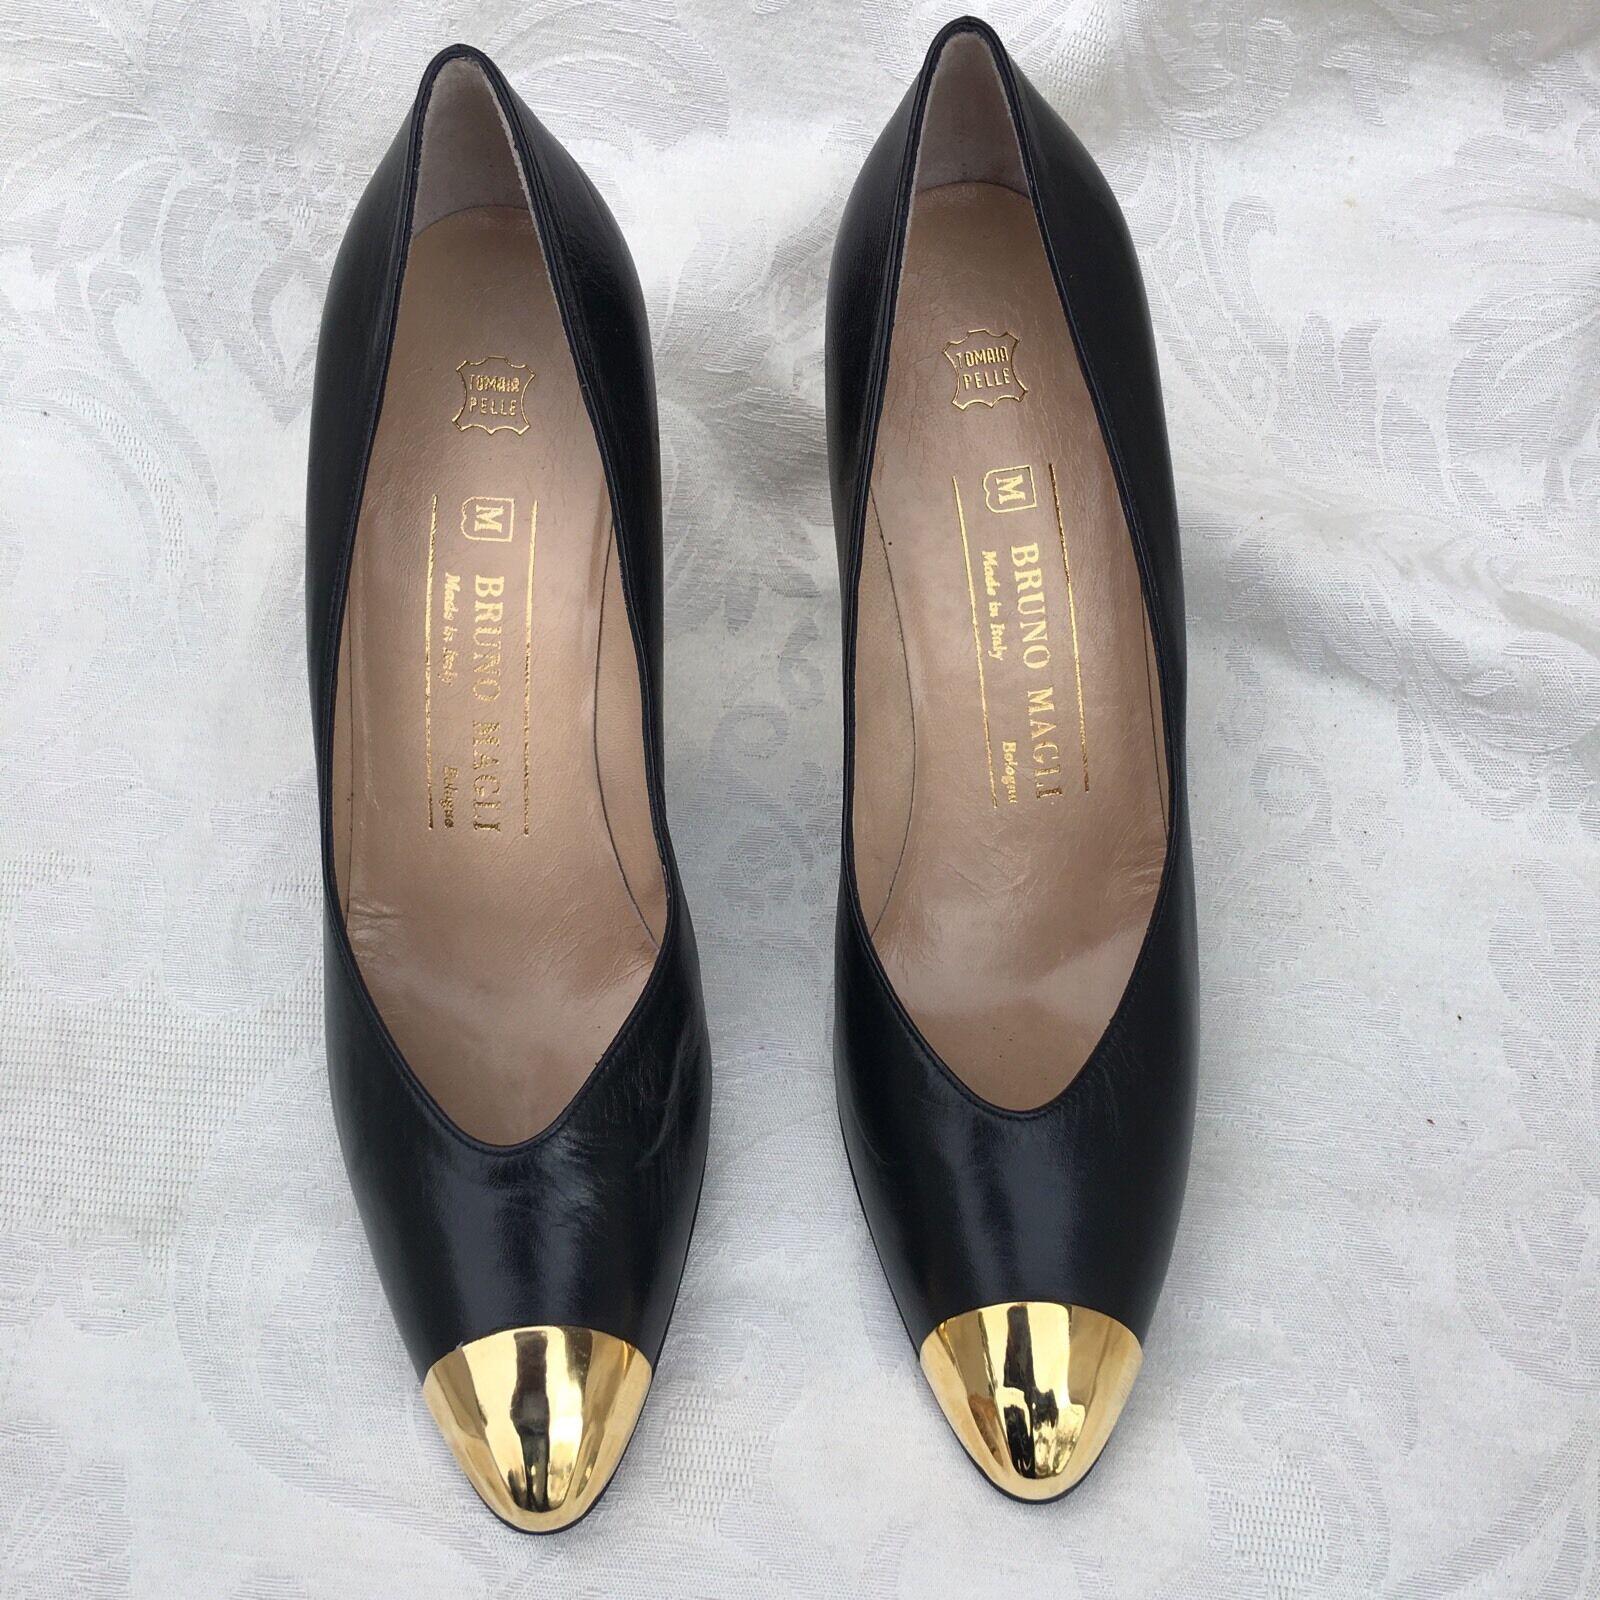 Nuevo Bruno Magli Hecho en Italia Bolonia Negro Negro Negro Cuero Bombas Tacones Zapatos 7.5 AA  gran venta